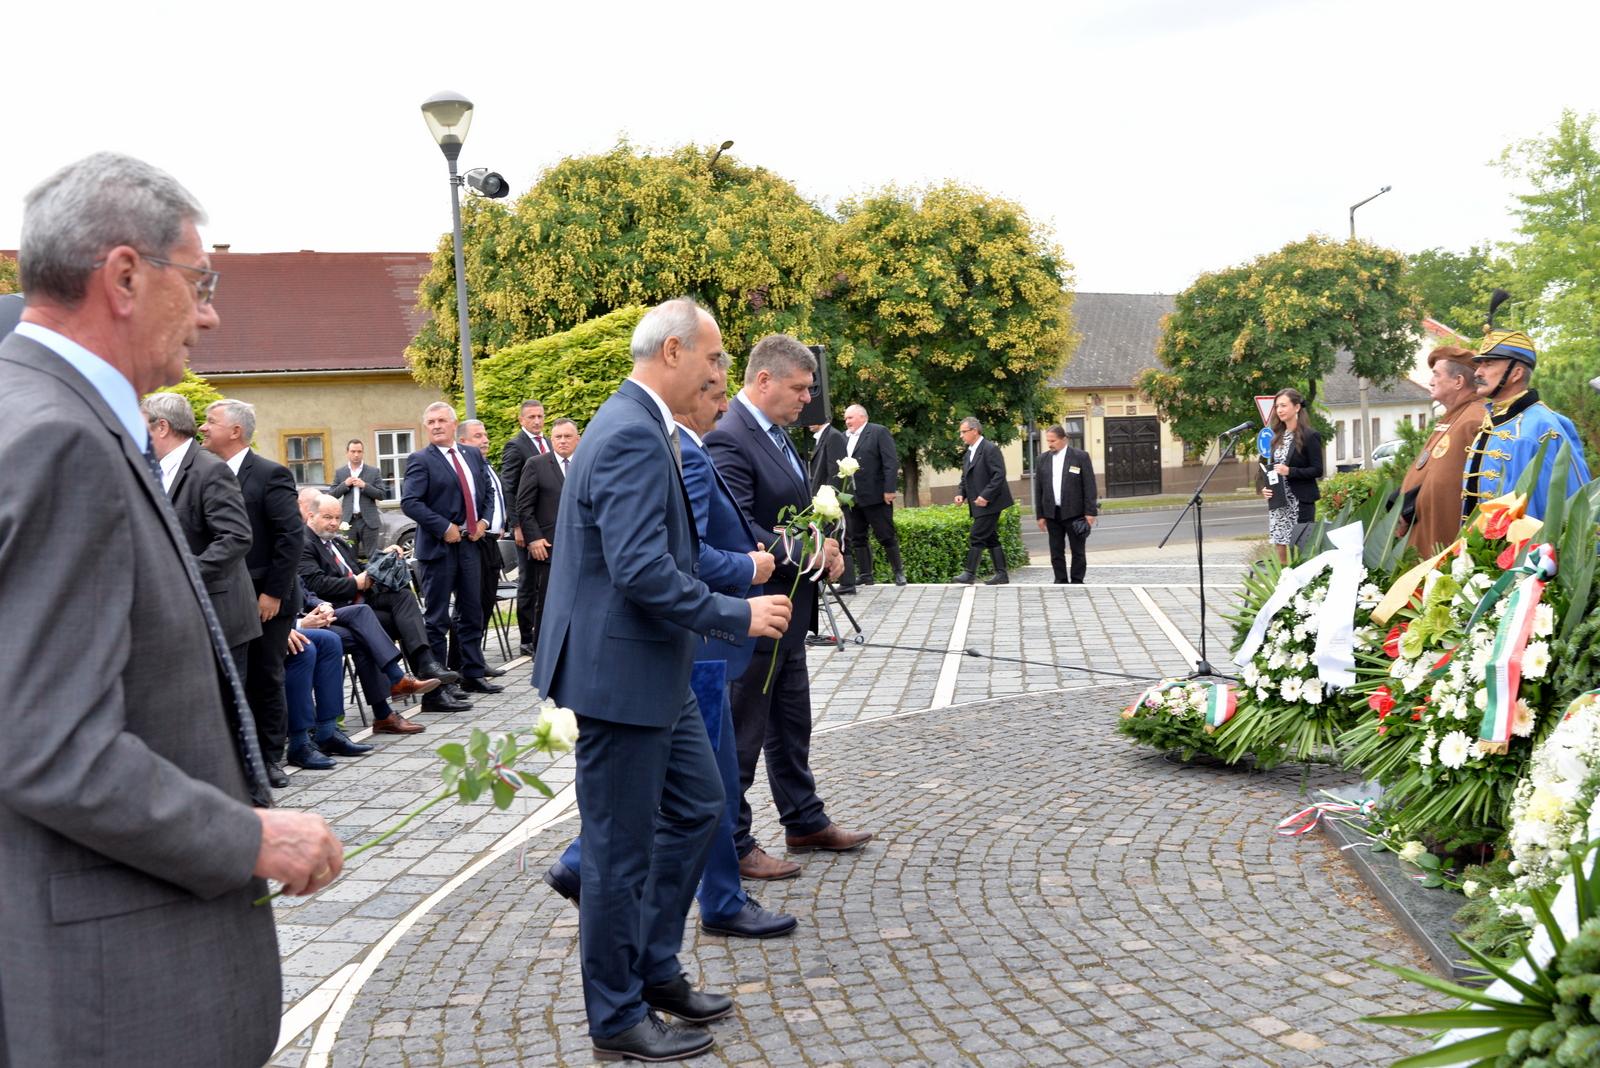 Megemlékezés és díszünnepség Móron Wekerle Sándor halála 100. évfordulóján